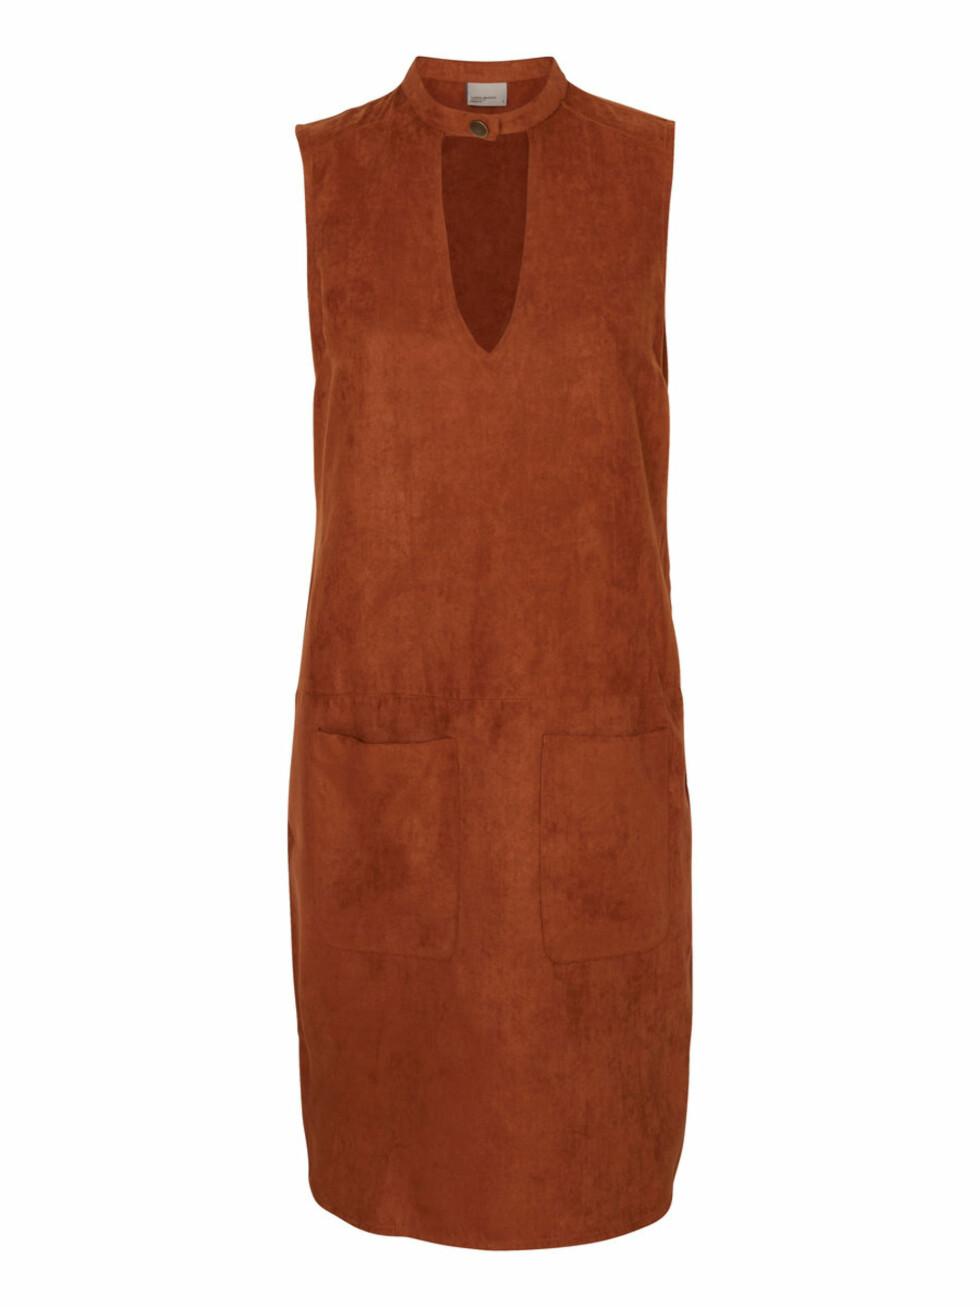 Kjole fra Veromoda, kr 330. Foto: Produsenten